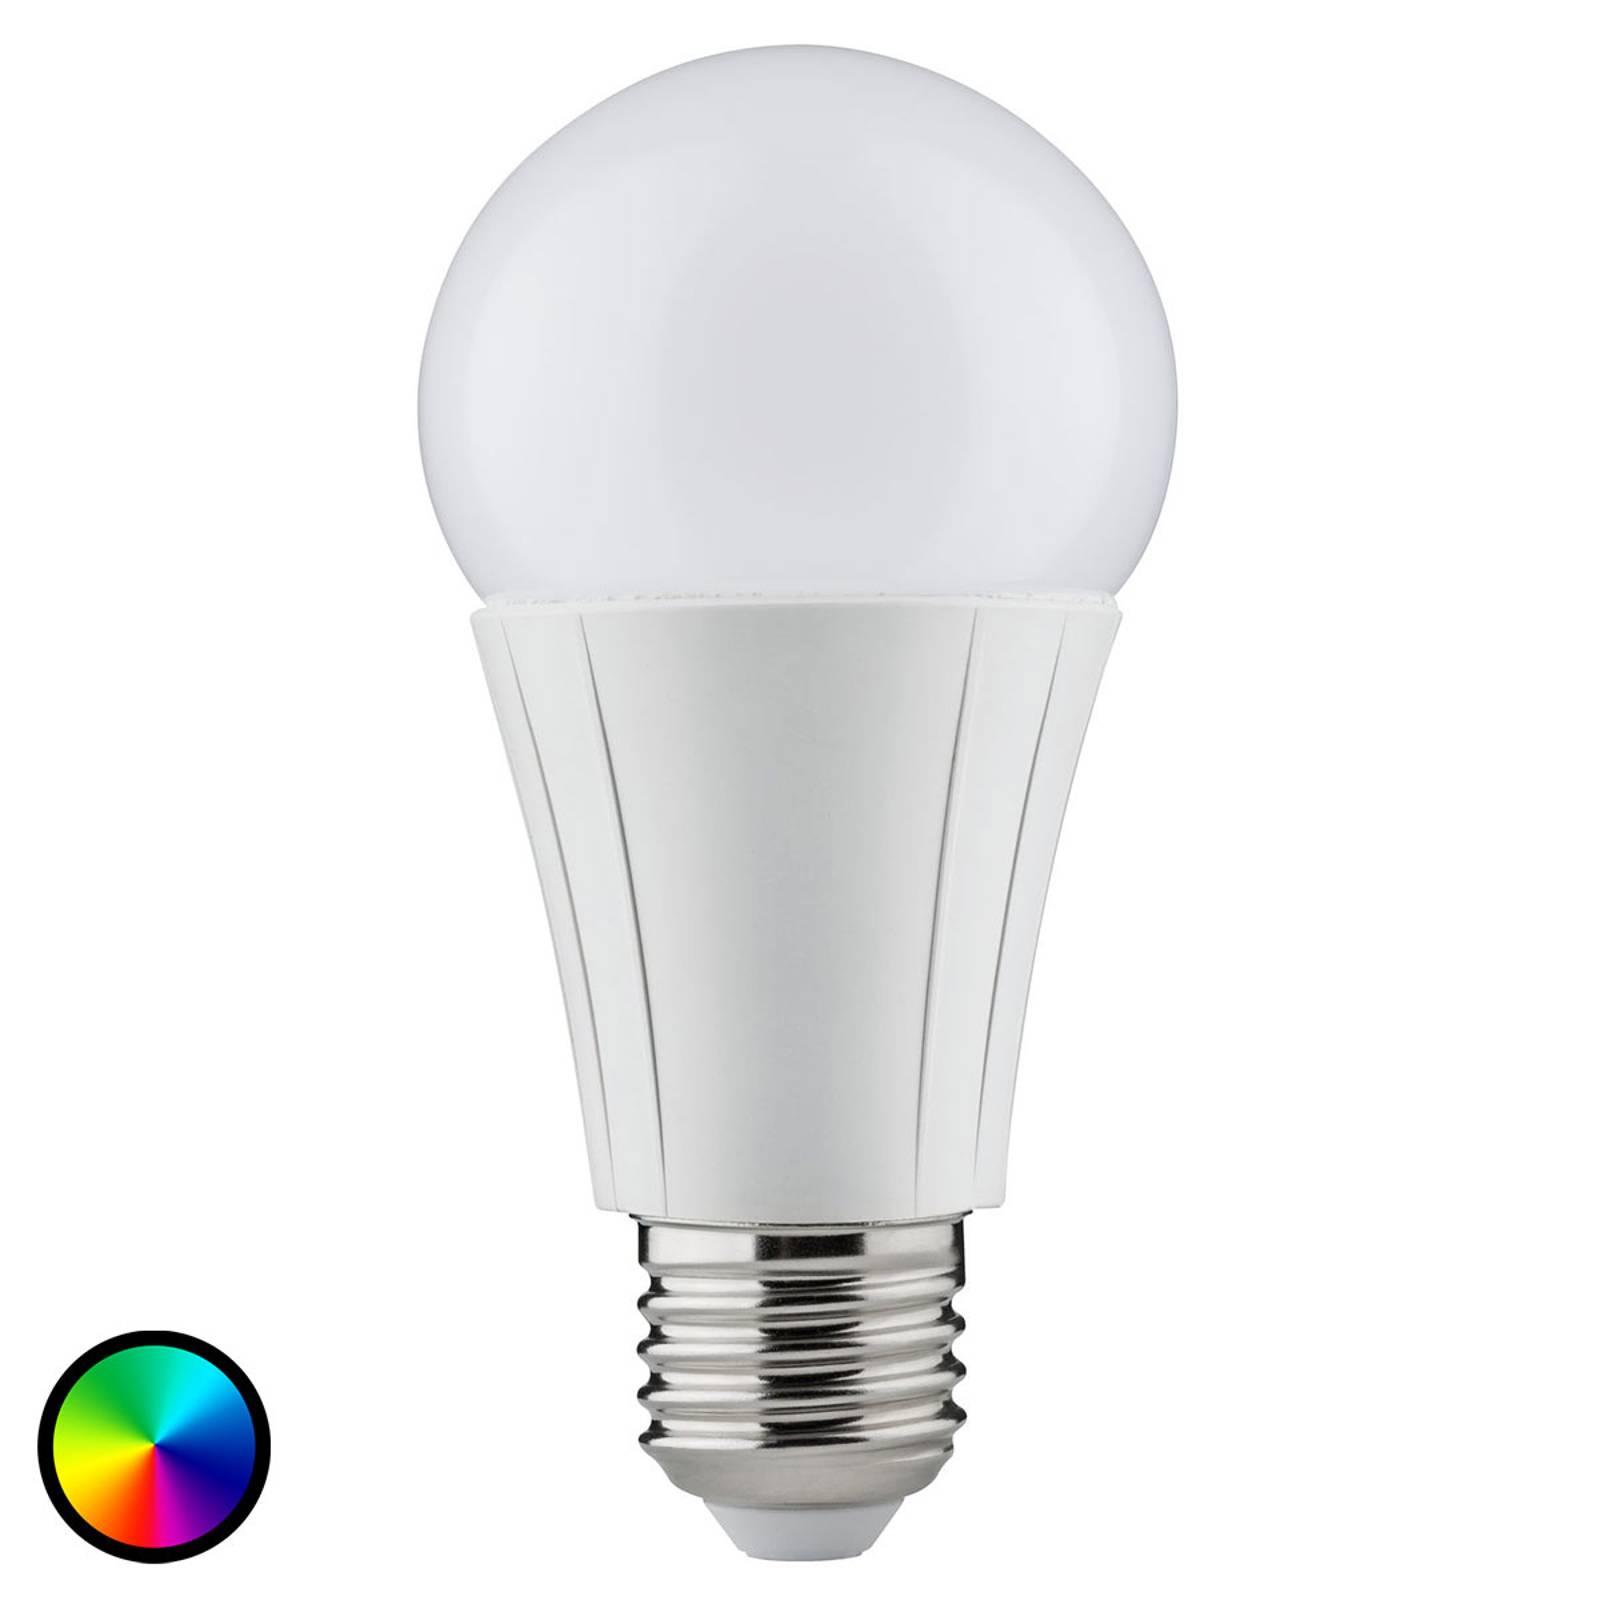 Paulmann Smart Friends E27 7,5W LED-Lampe, RGBW